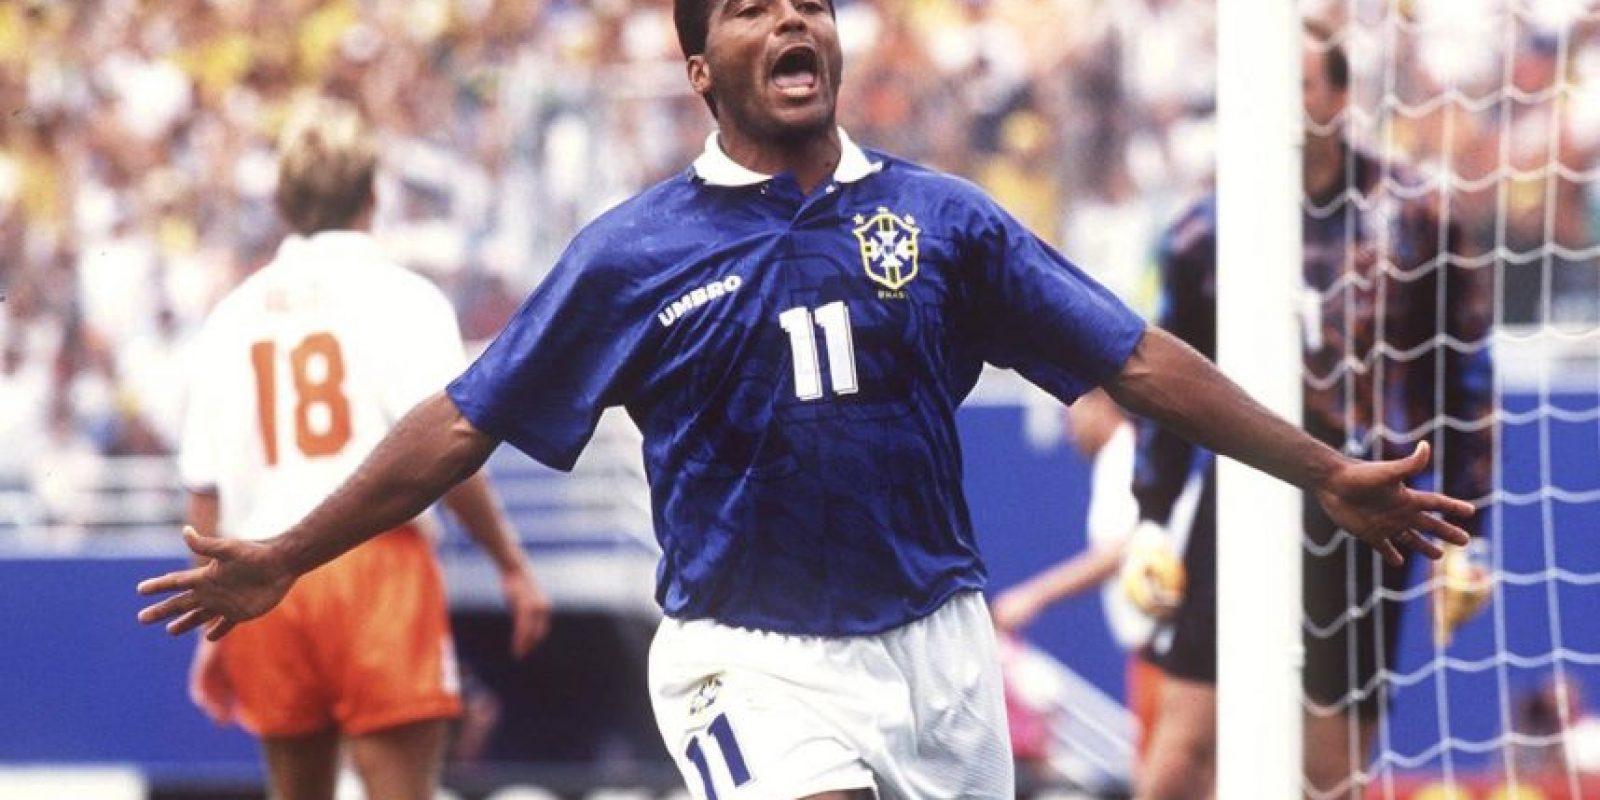 Getty Images Foto:El delantero brasileño fue uno de los más talentosos en su momento, pero su gusto por las fiestas y la noche era conocido. Incluso, por contrato, tenía el privilegio de poder salir todas las noches en su época del Valencia, donde sólo estuvo una temporada.